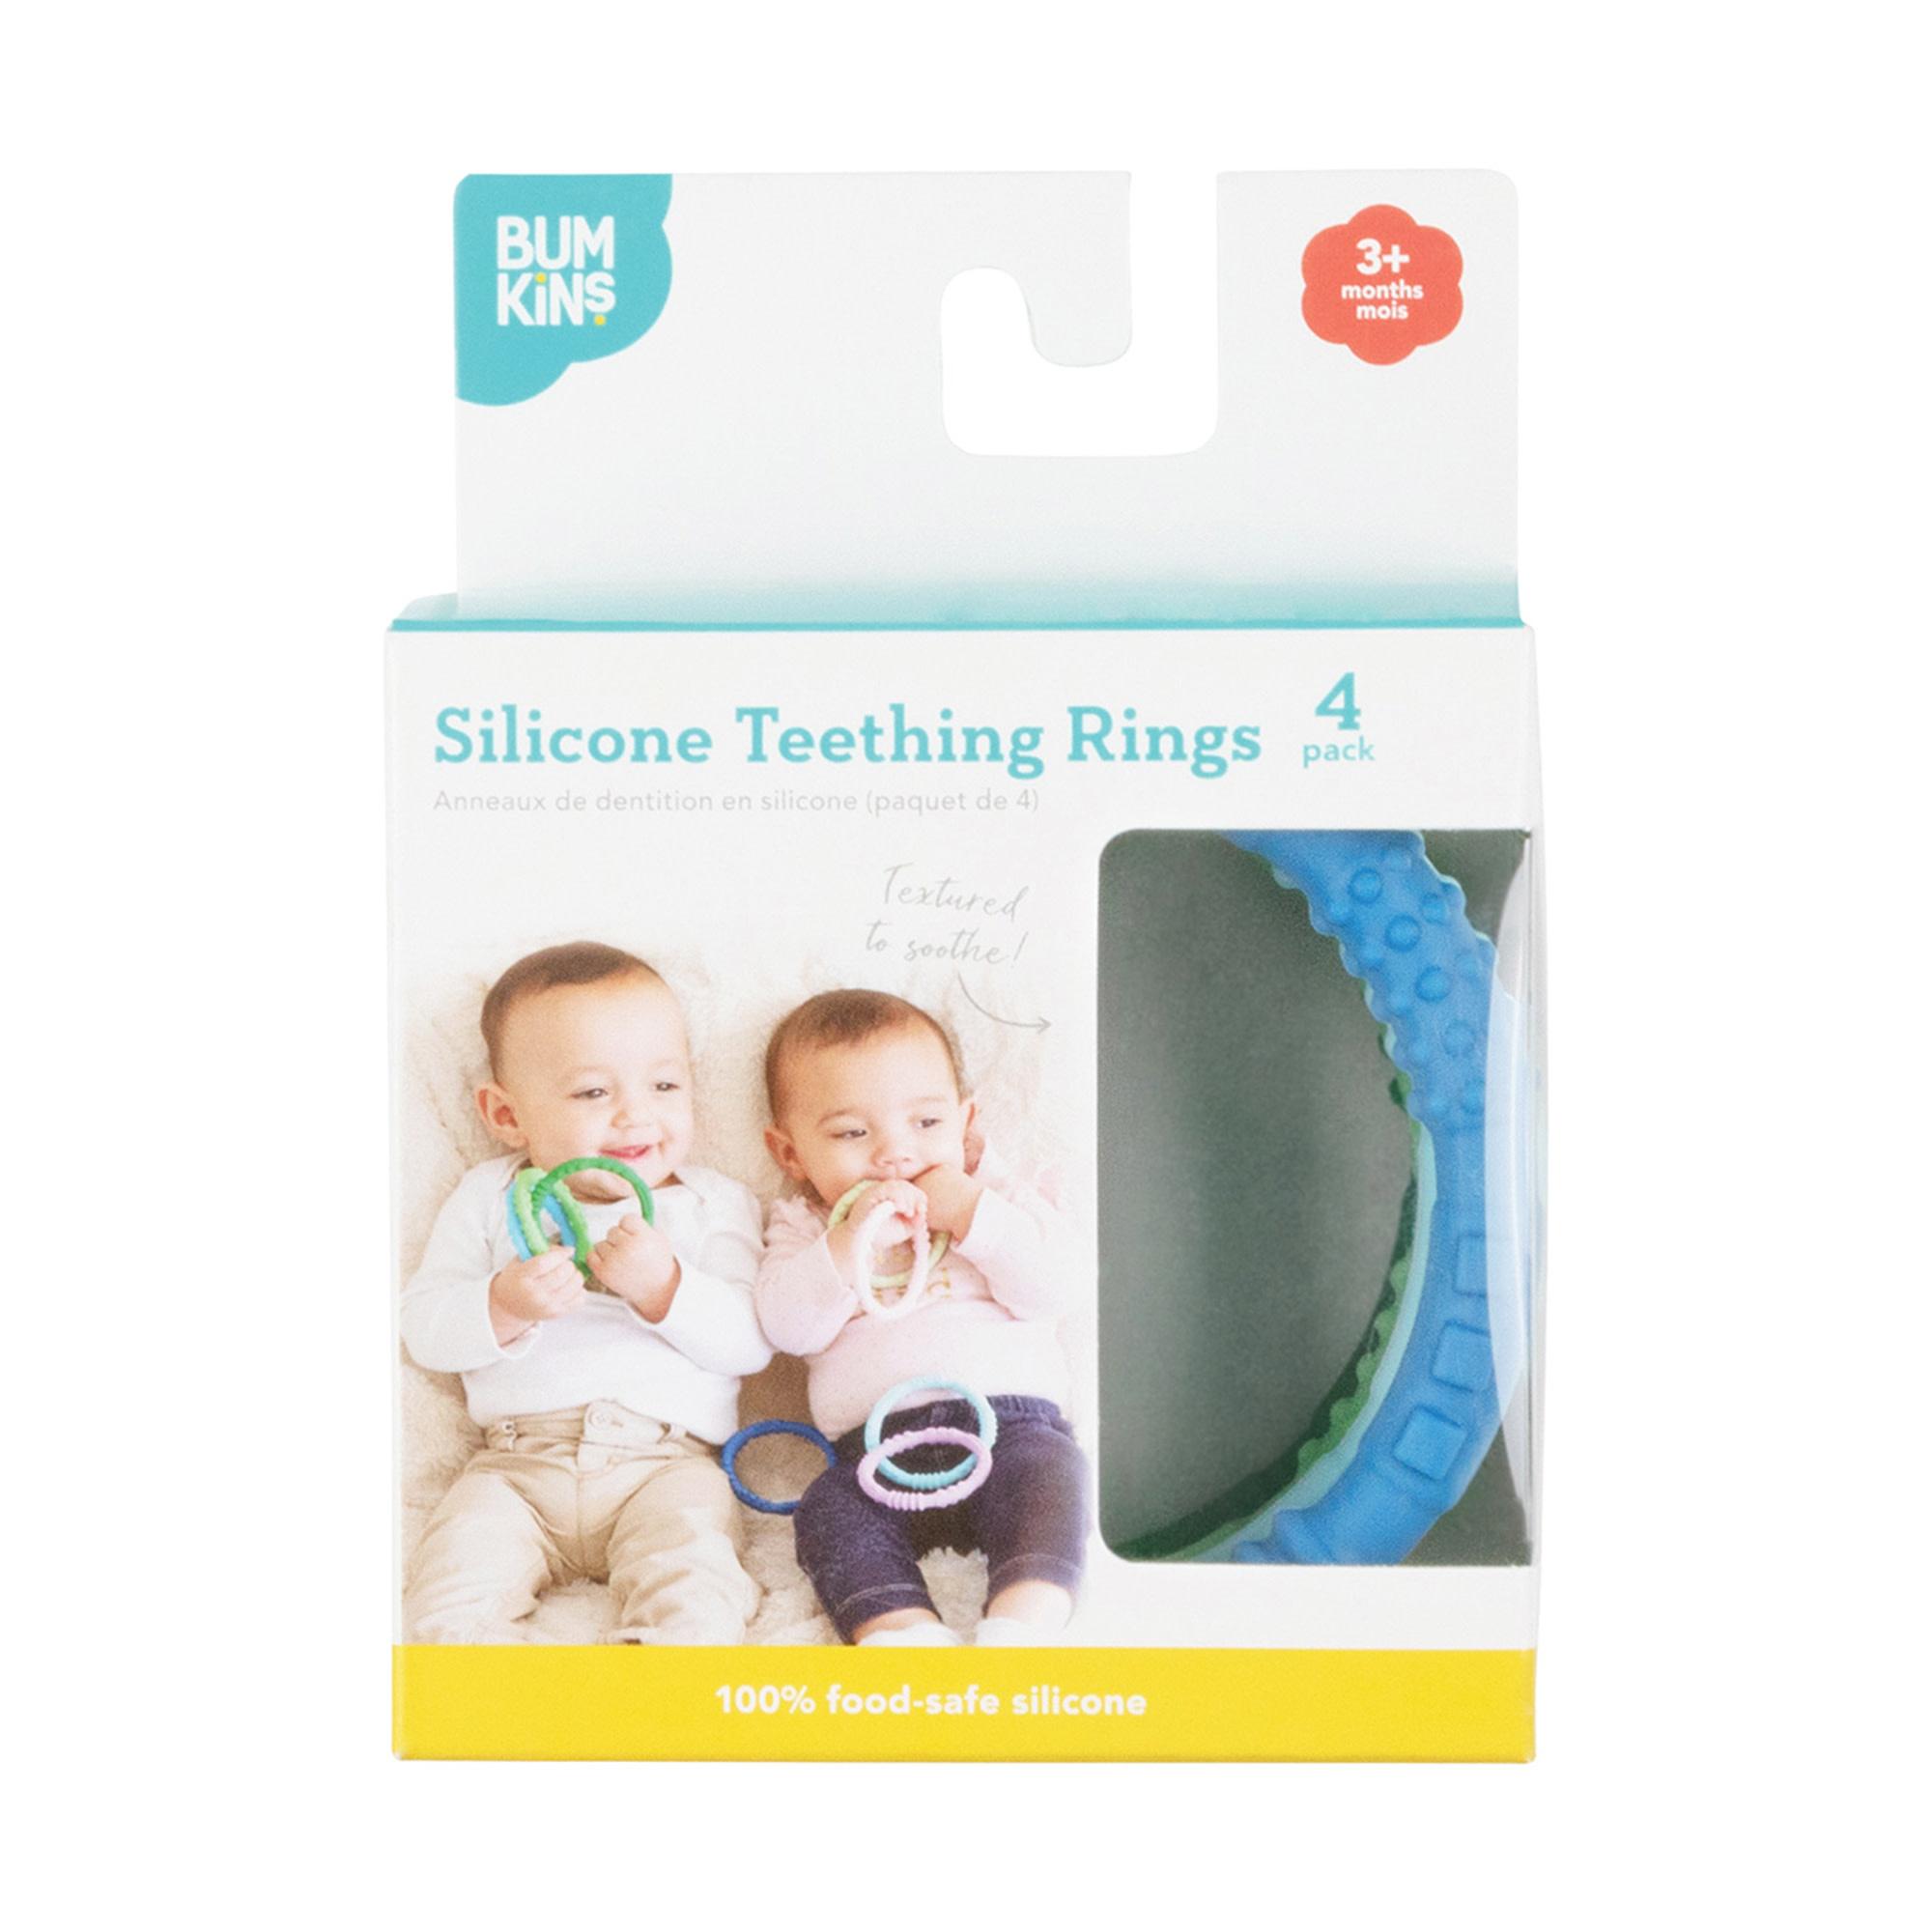 Bumkins Bumkins Silicone Teething Rings 4-pack (3m+)